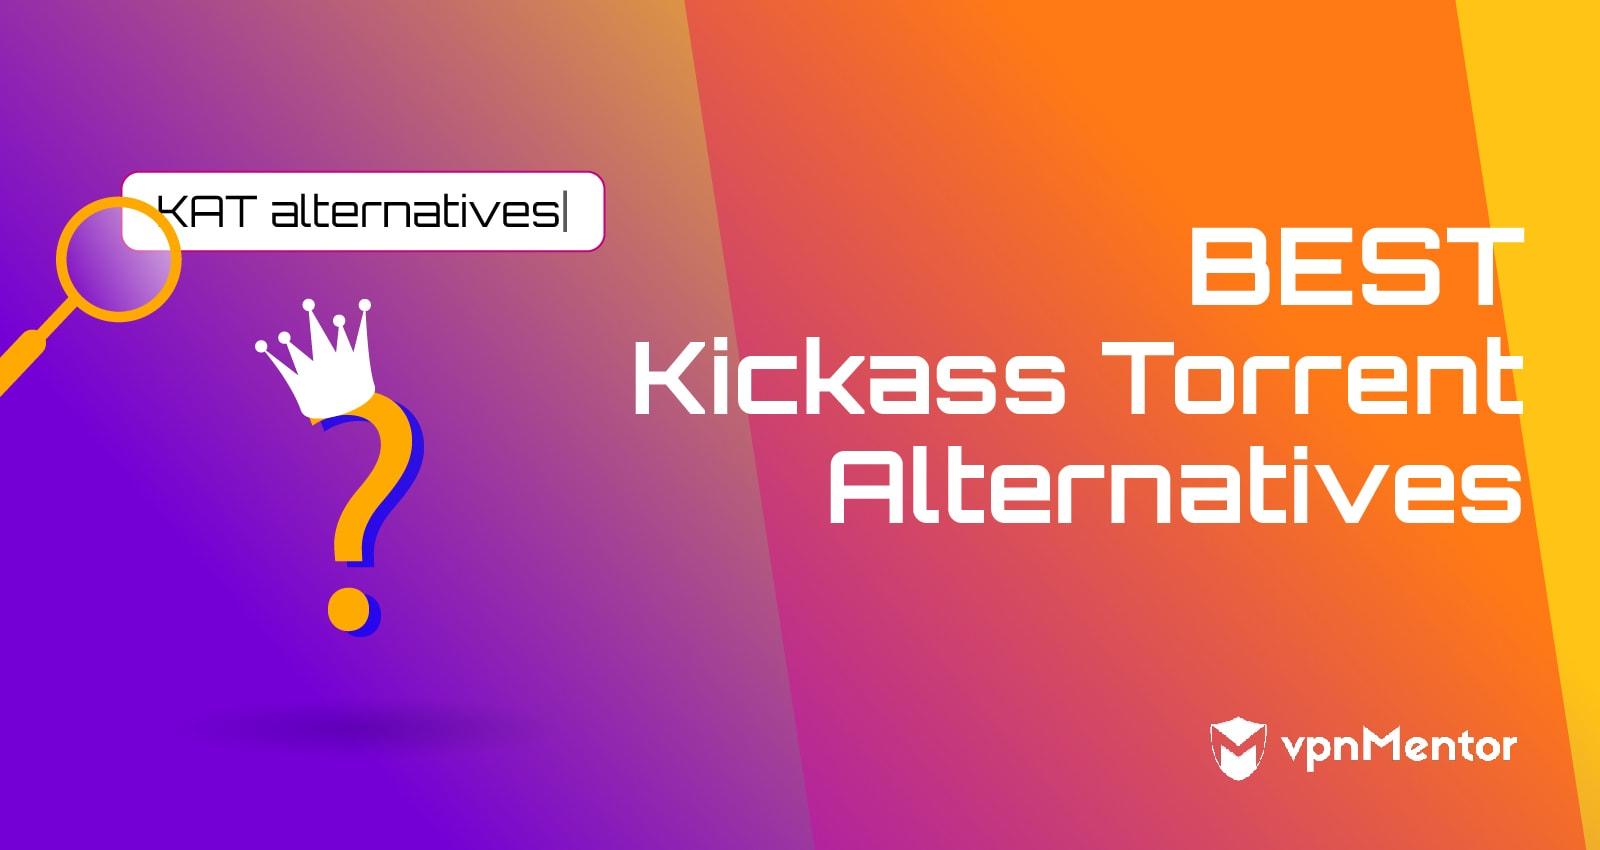 Kickasstorrent alternatives